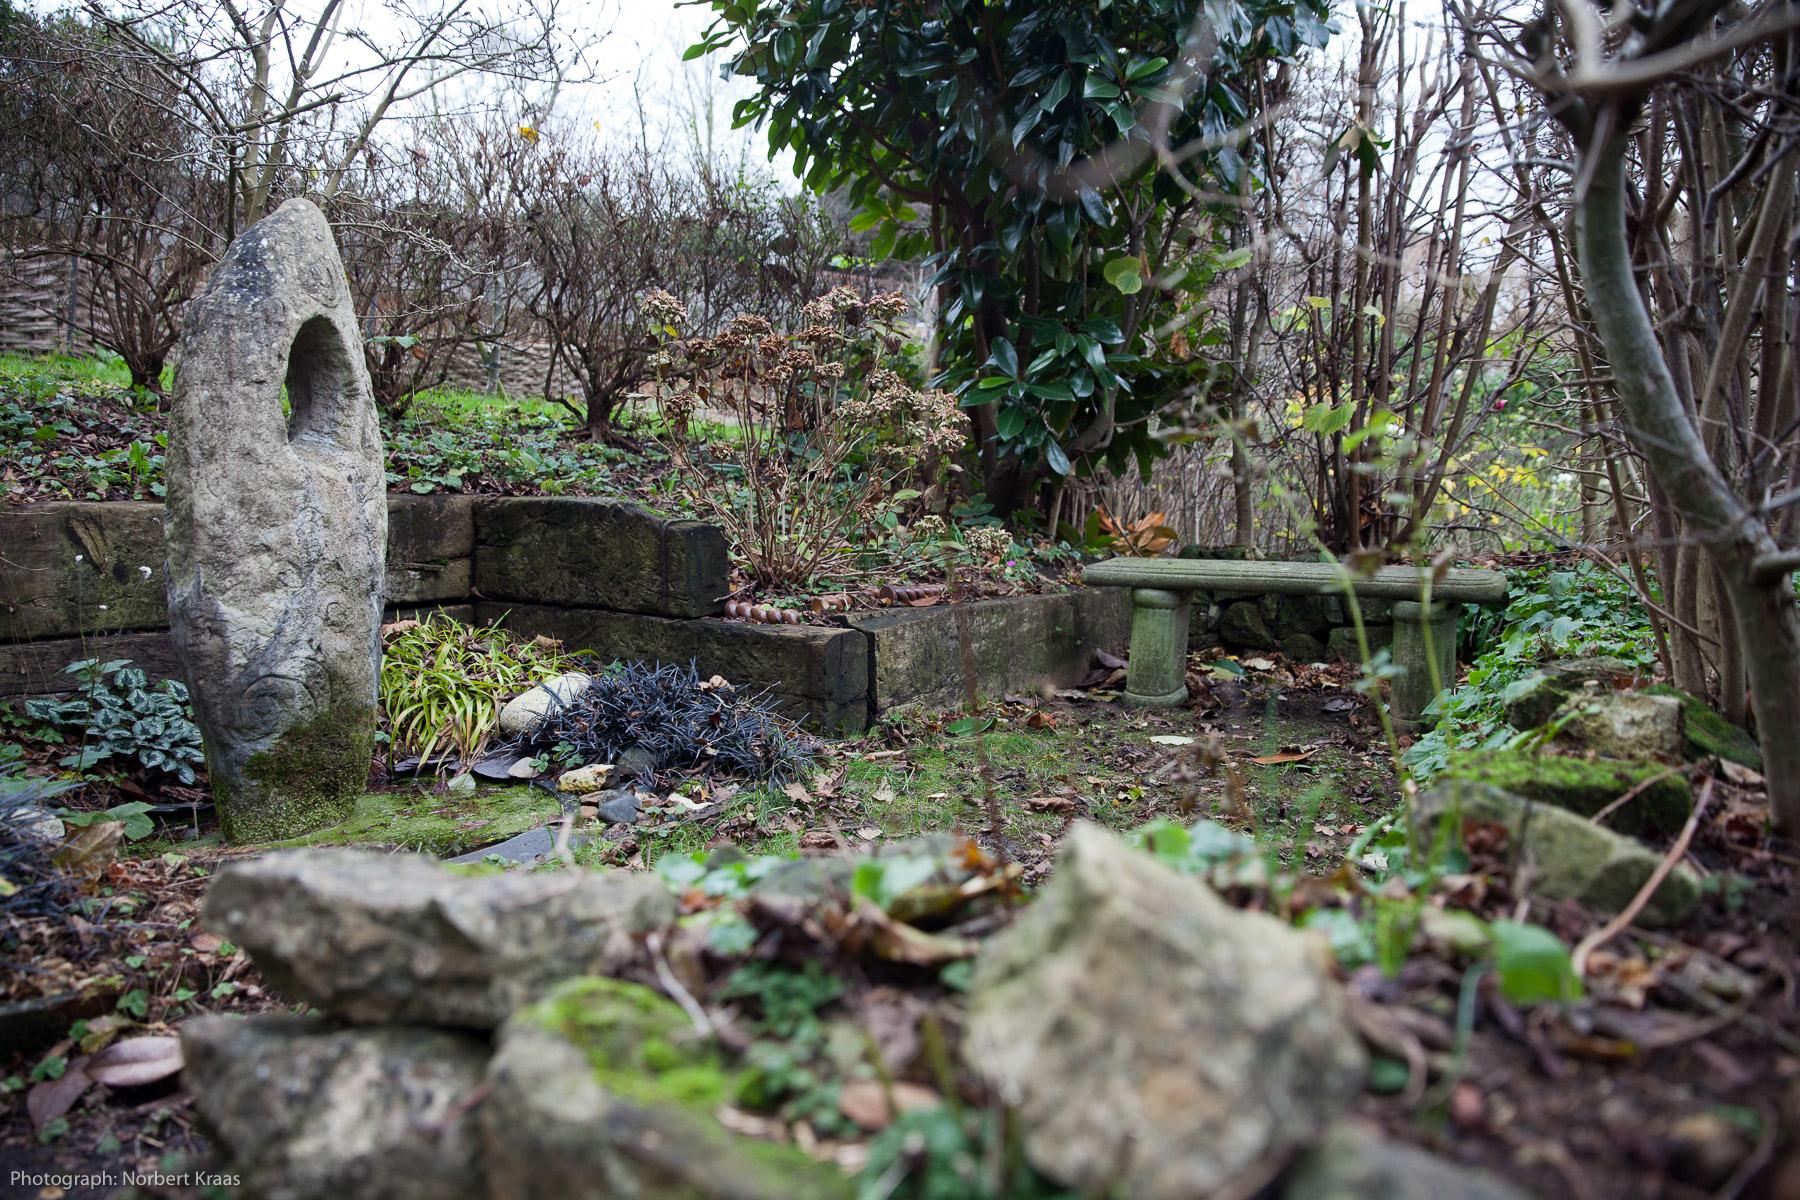 Zauberhaft auch im Winter: Englischer Garten in Aylesford, Kent.